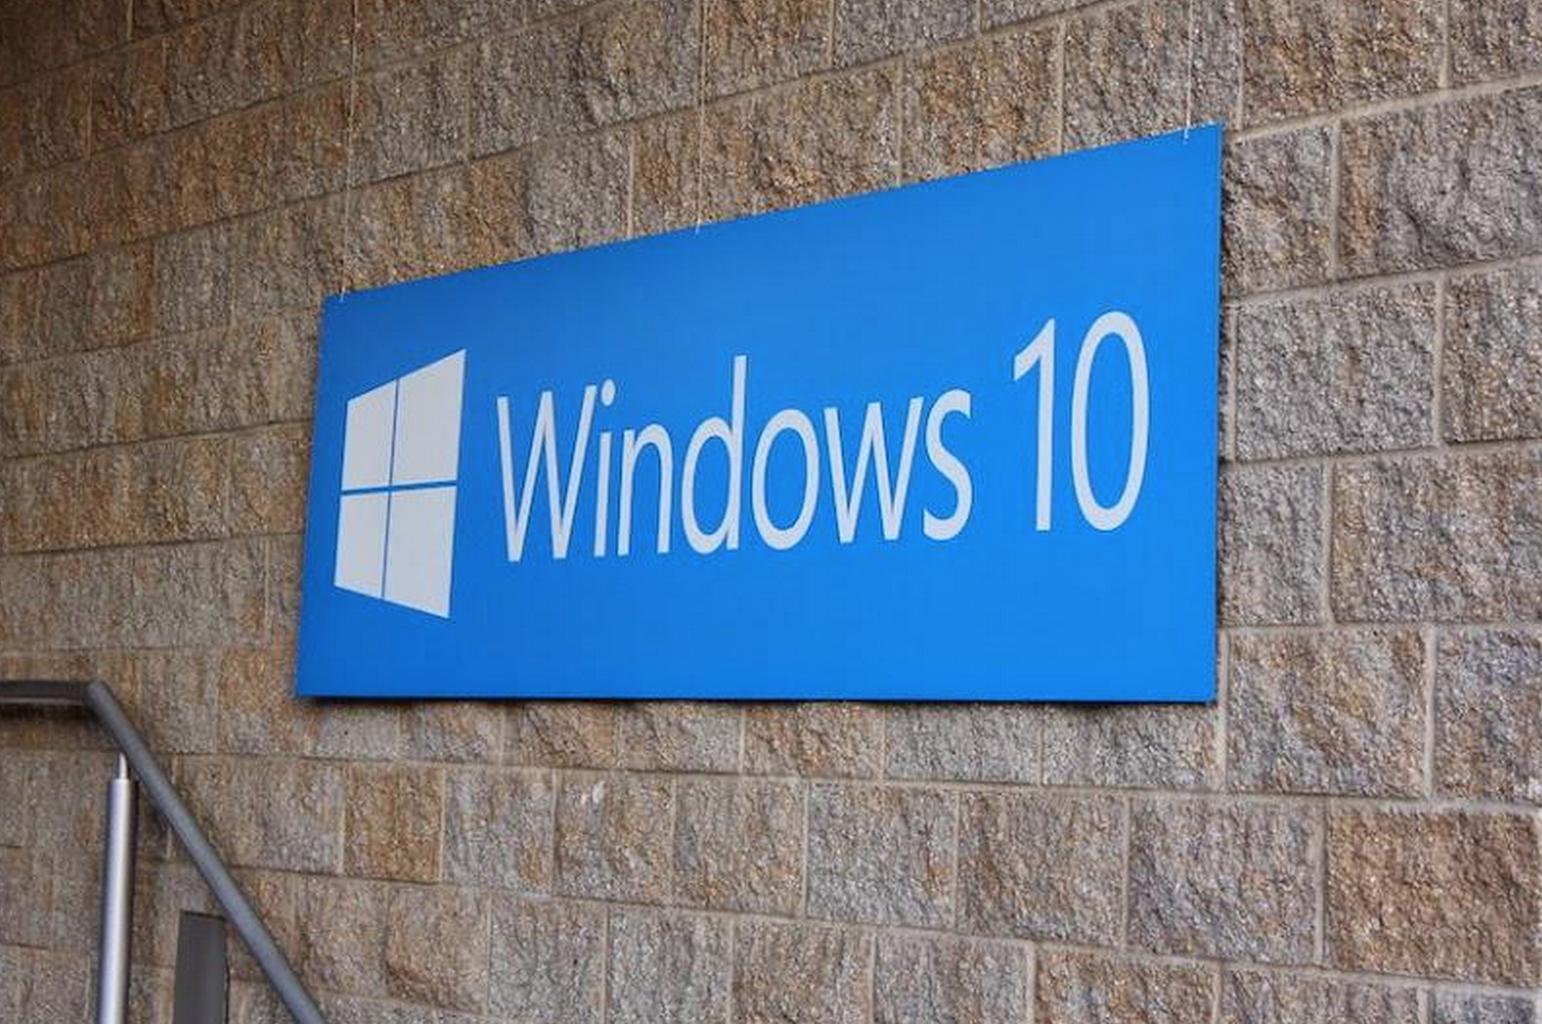 Windows 10 briefing